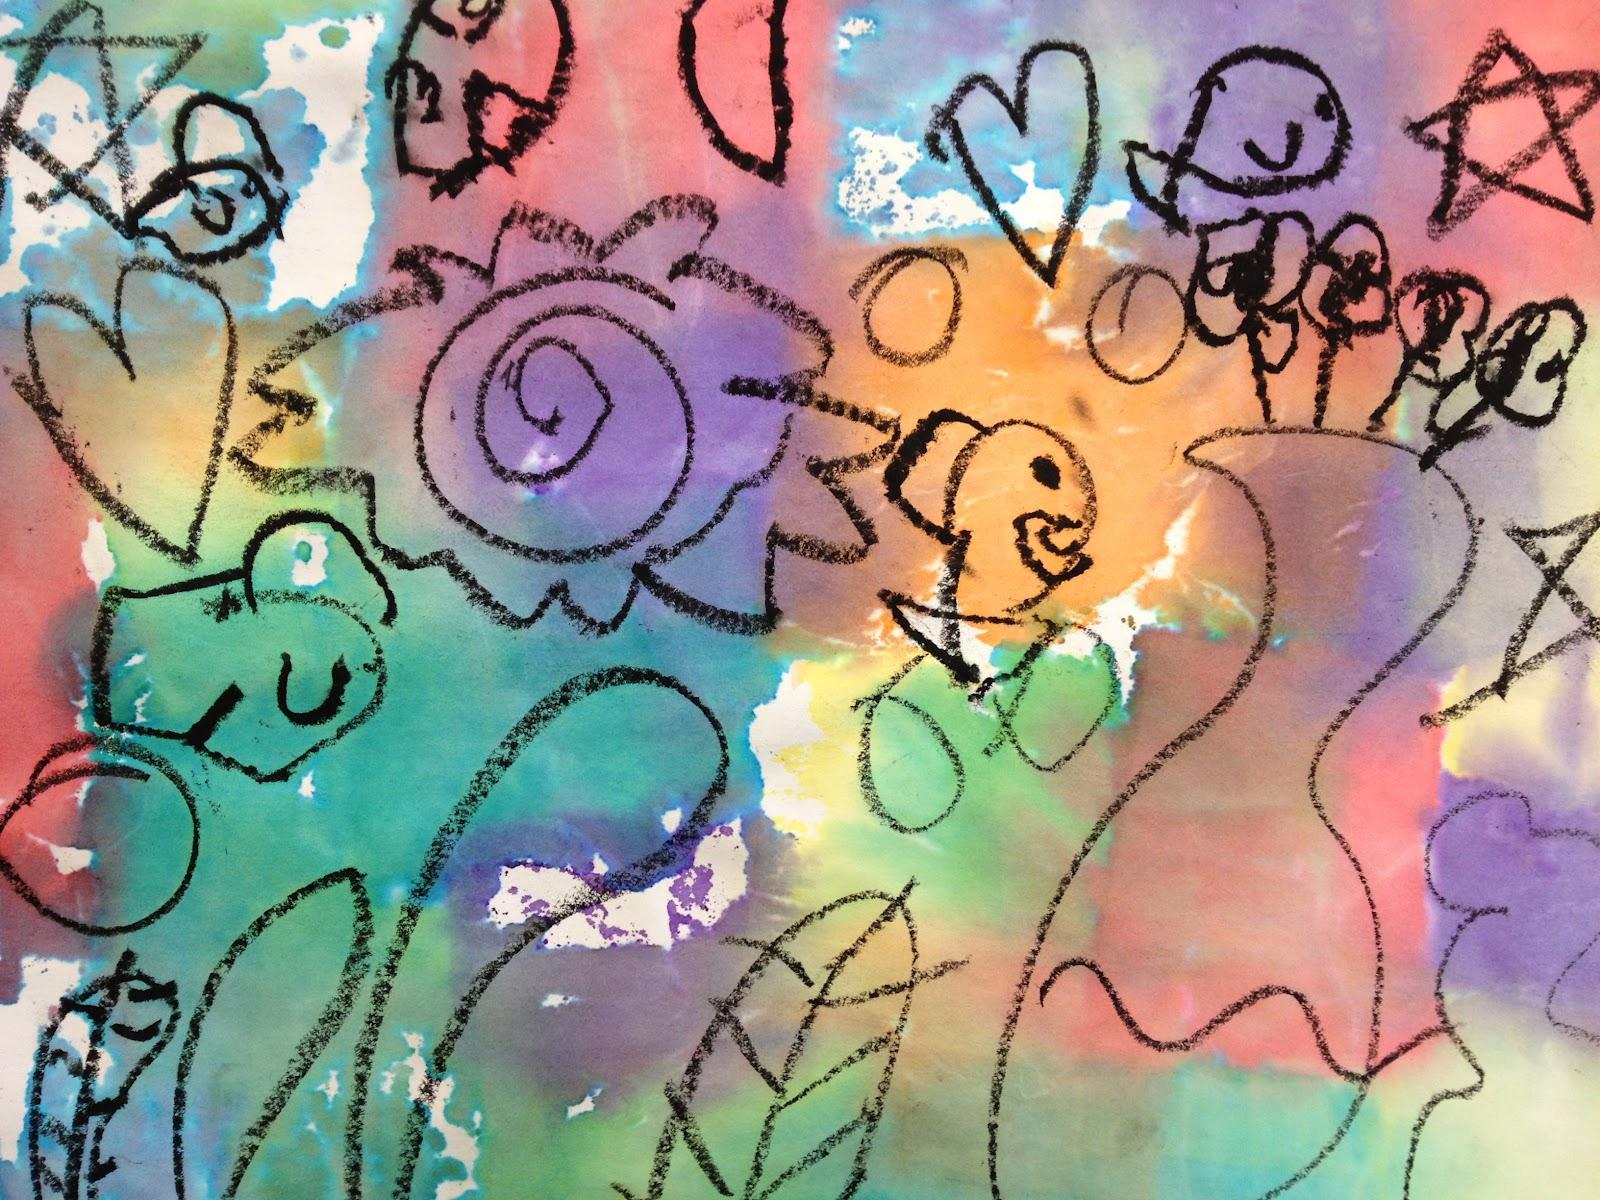 Underwater Fantasy inspired by Paul Klee • TeachKidsArt